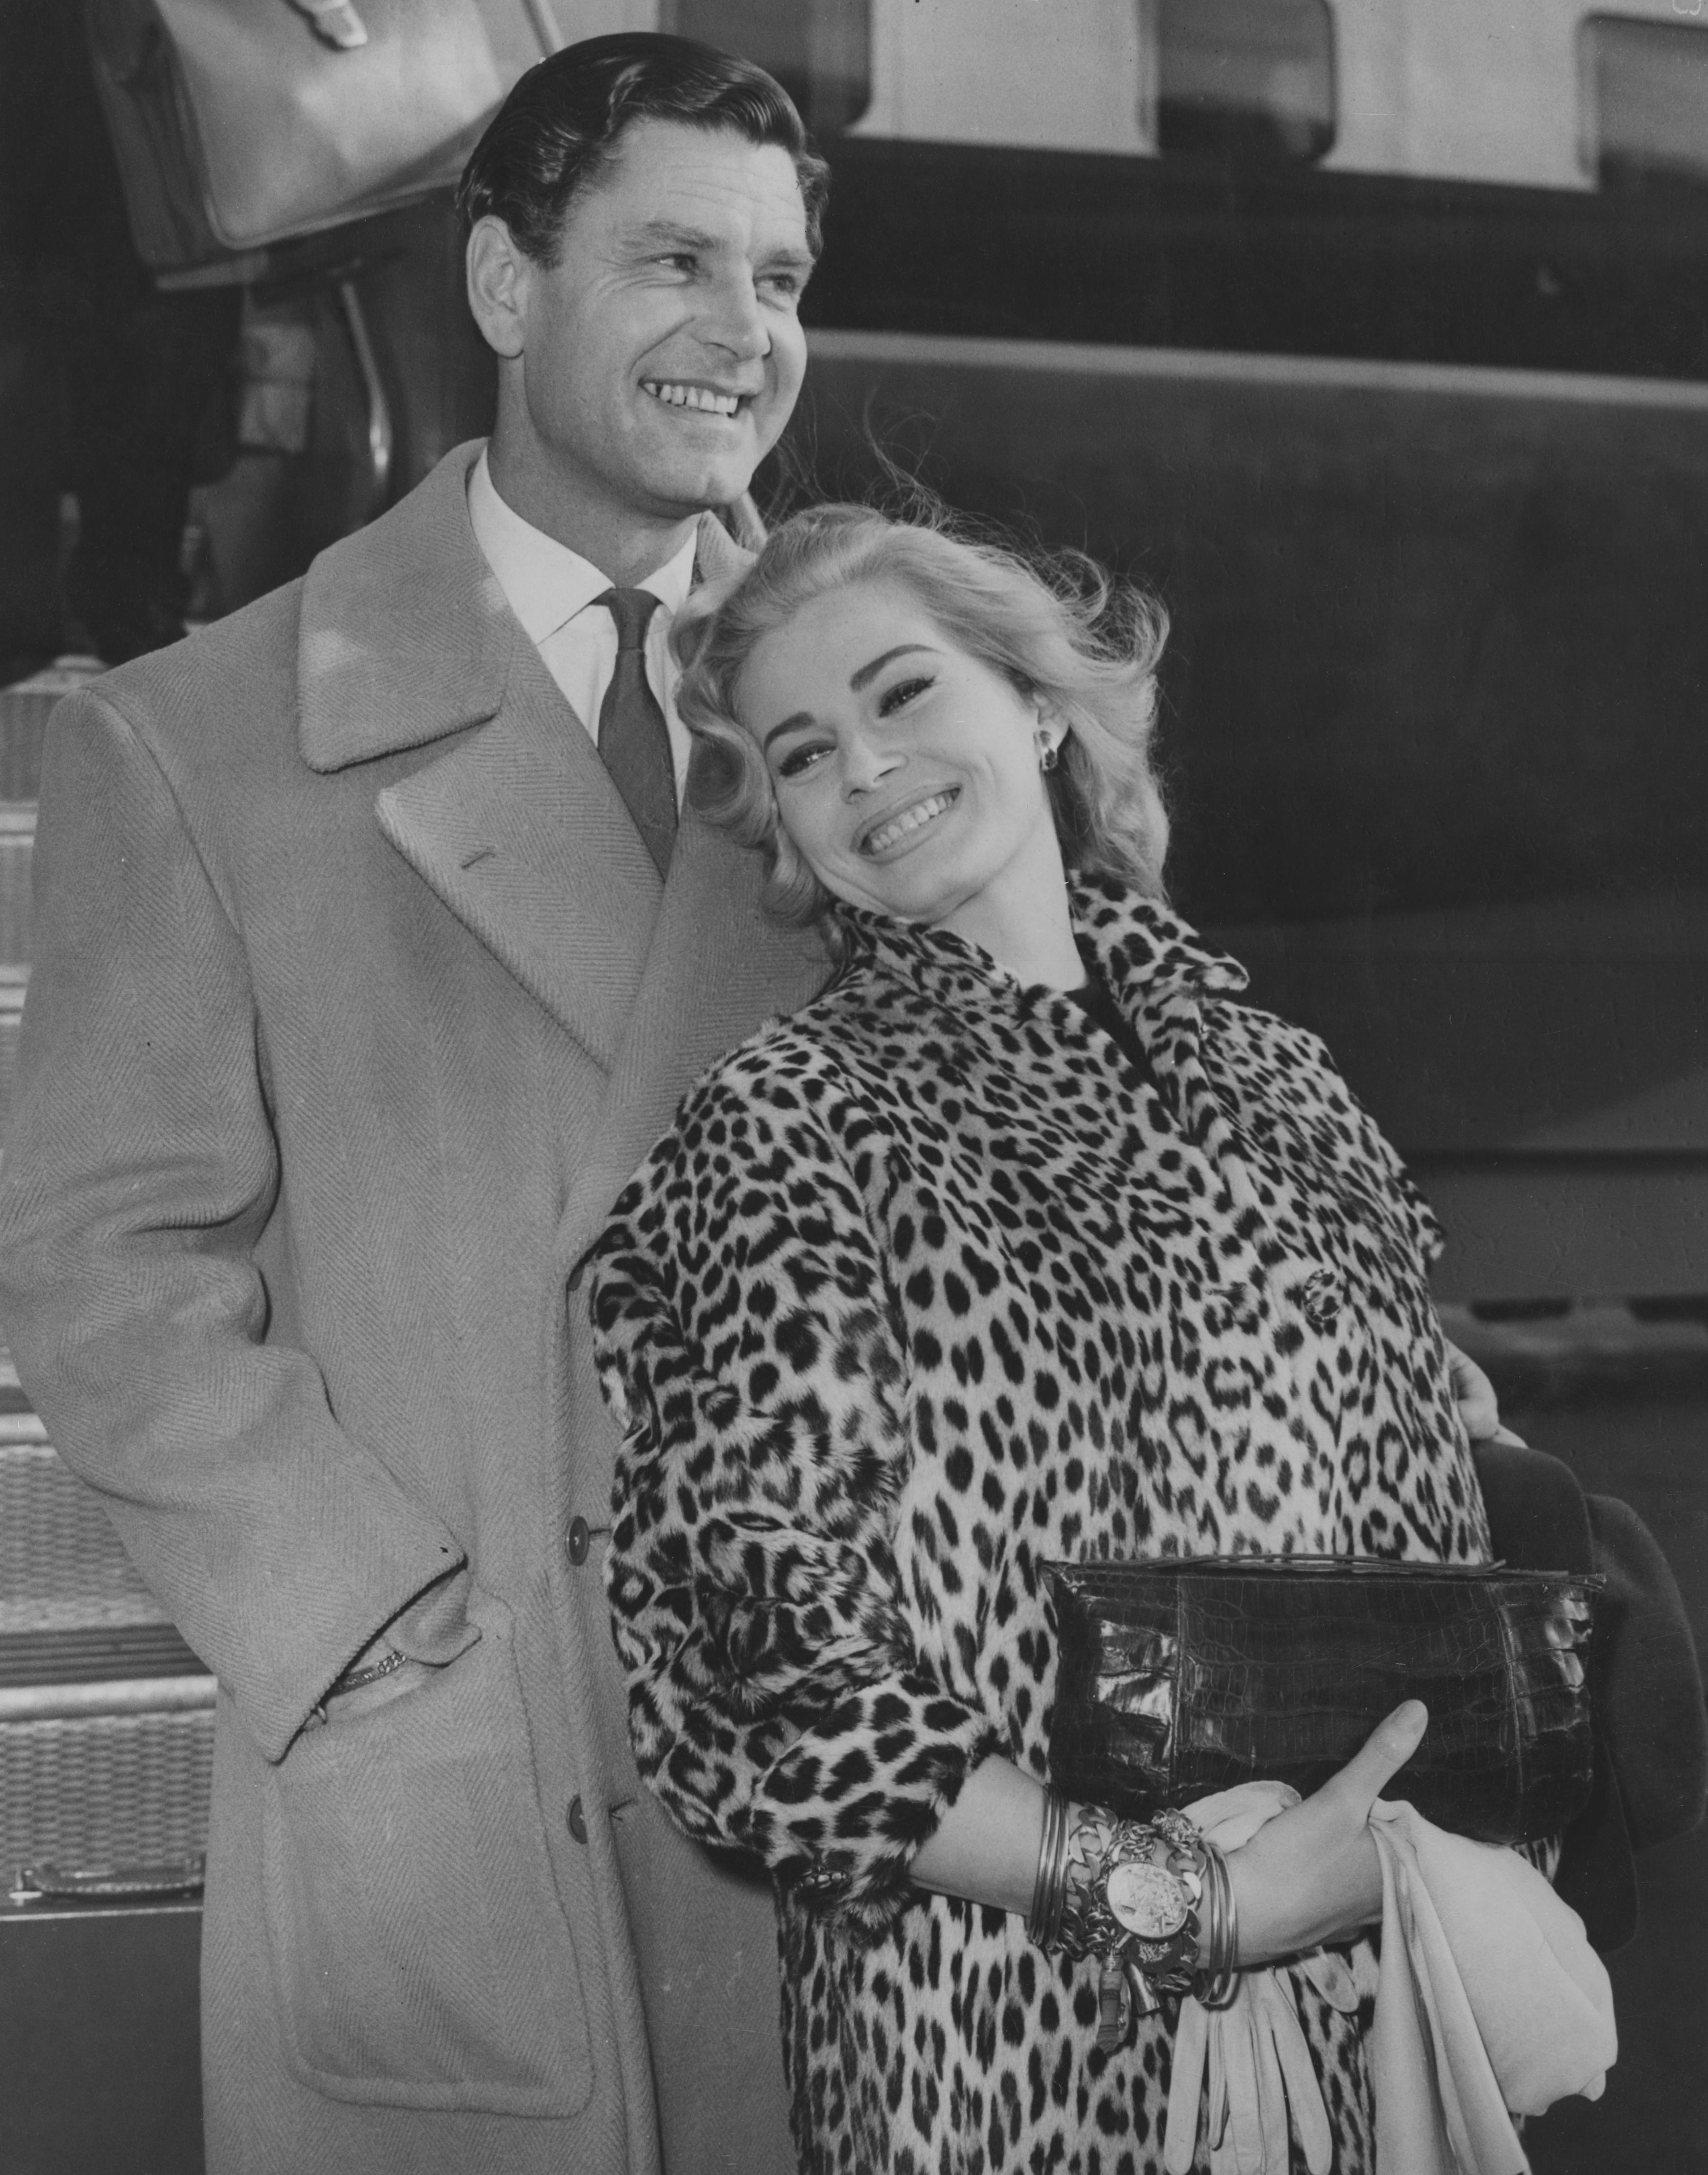 """Вторият филм на младата актриса е Abbott and Costello Go to Mars(1953), в който Анита есъблазнителнаобитателка, живееща наВенера. В тези години набираща сила в актьорските среди има и друга легендарна жена - Мерилин Монро.<br /> Макар и сериозна конкуренция, Анита успява да спечели първата си значима филмова награда (""""Златен глобус"""") през 1955 г.за ролята си на китайката Ву Линг във филма """"Кървавата алея"""" от1955г."""